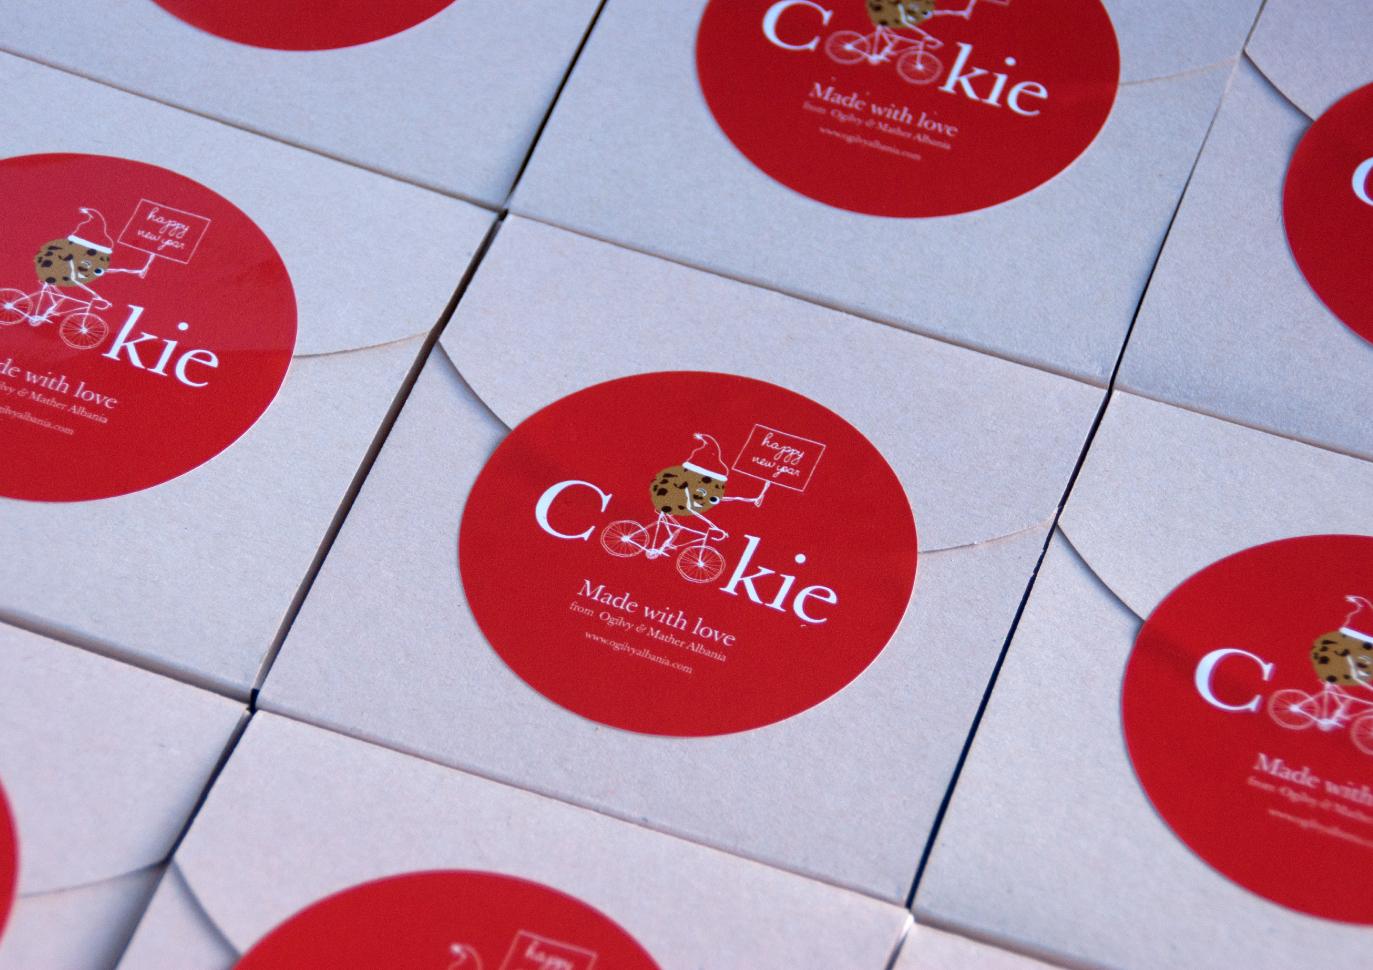 7 Real Cookies3